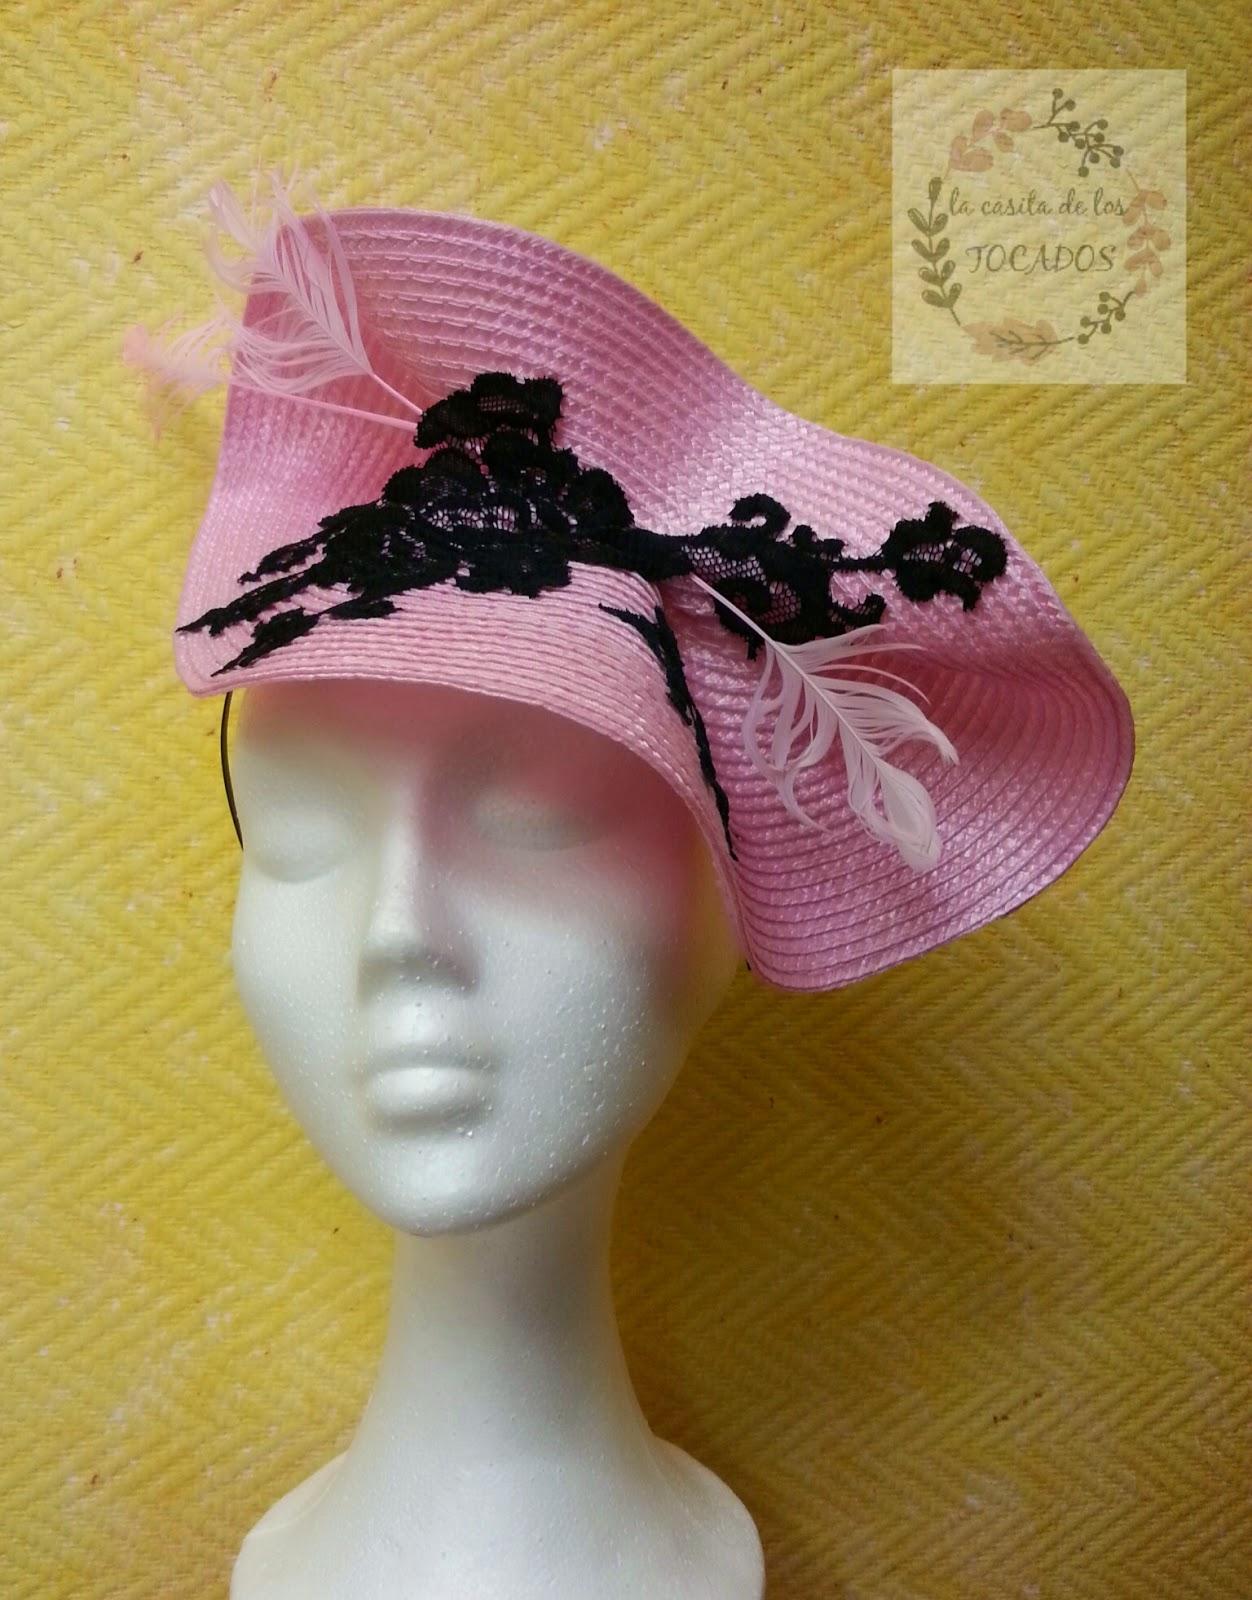 tocado grande con base redonda doblada de paja sintética en color rosa y adorno de guipur en negro